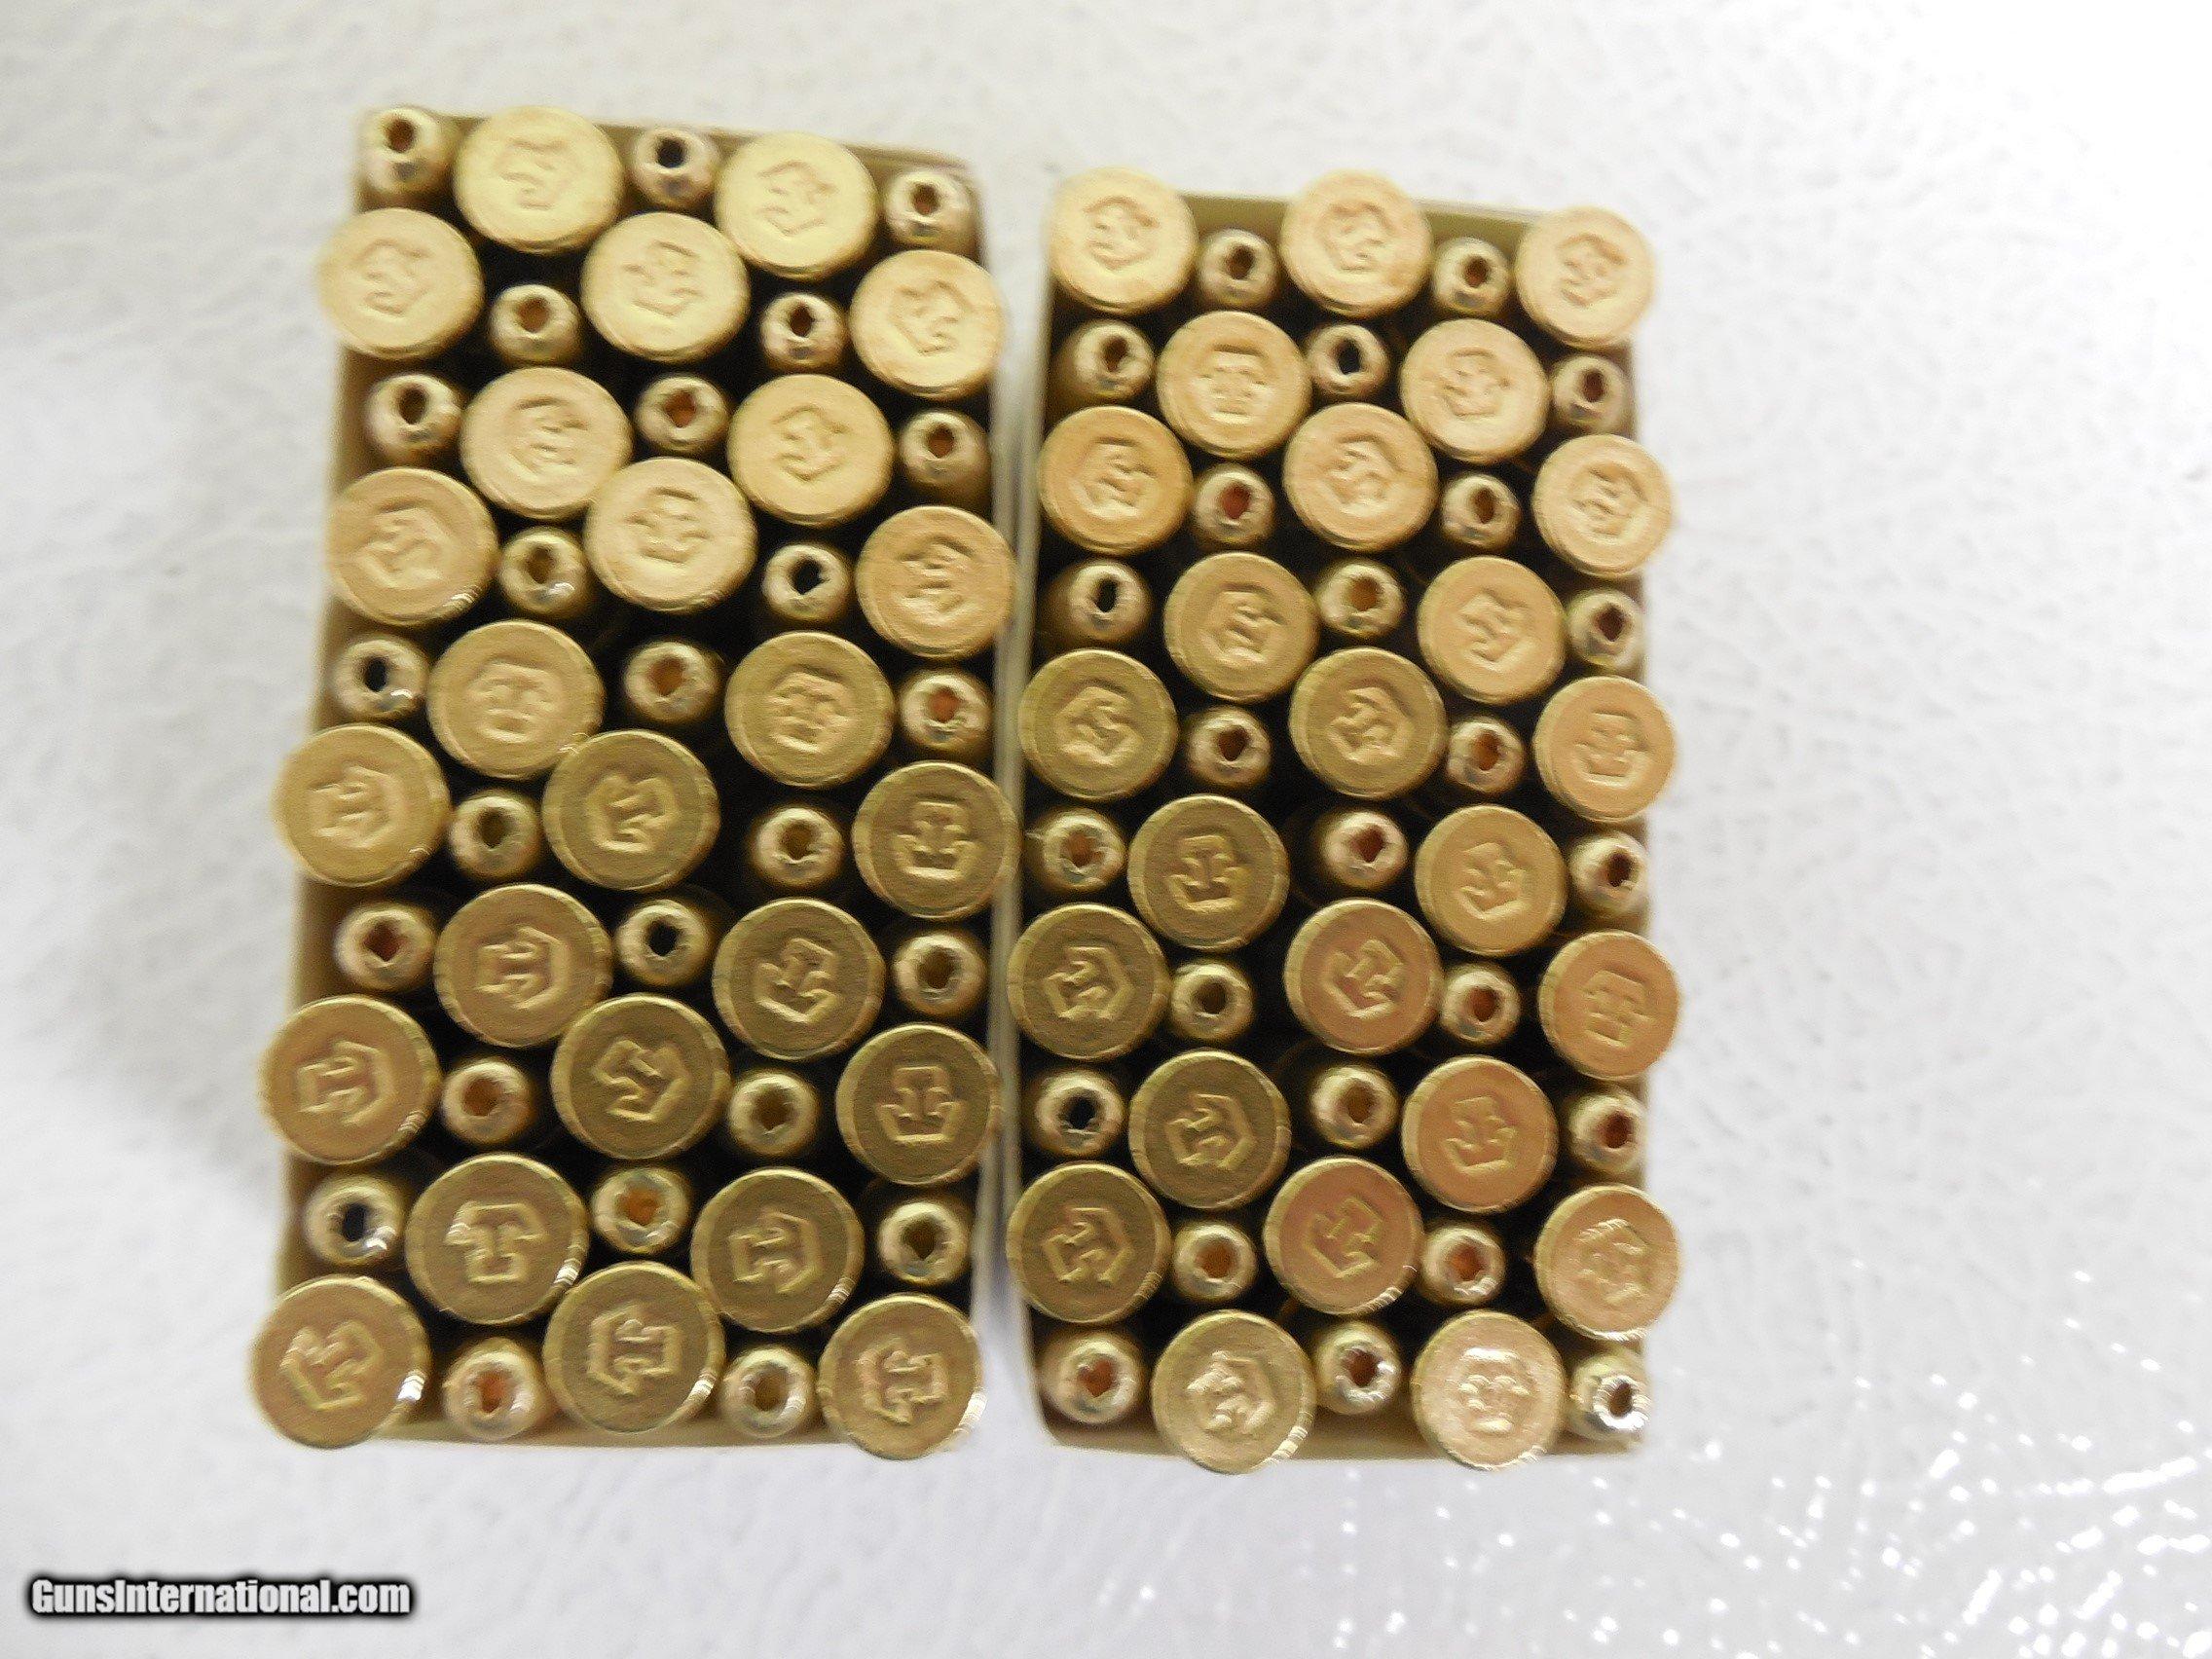 22 tcm ammo fps